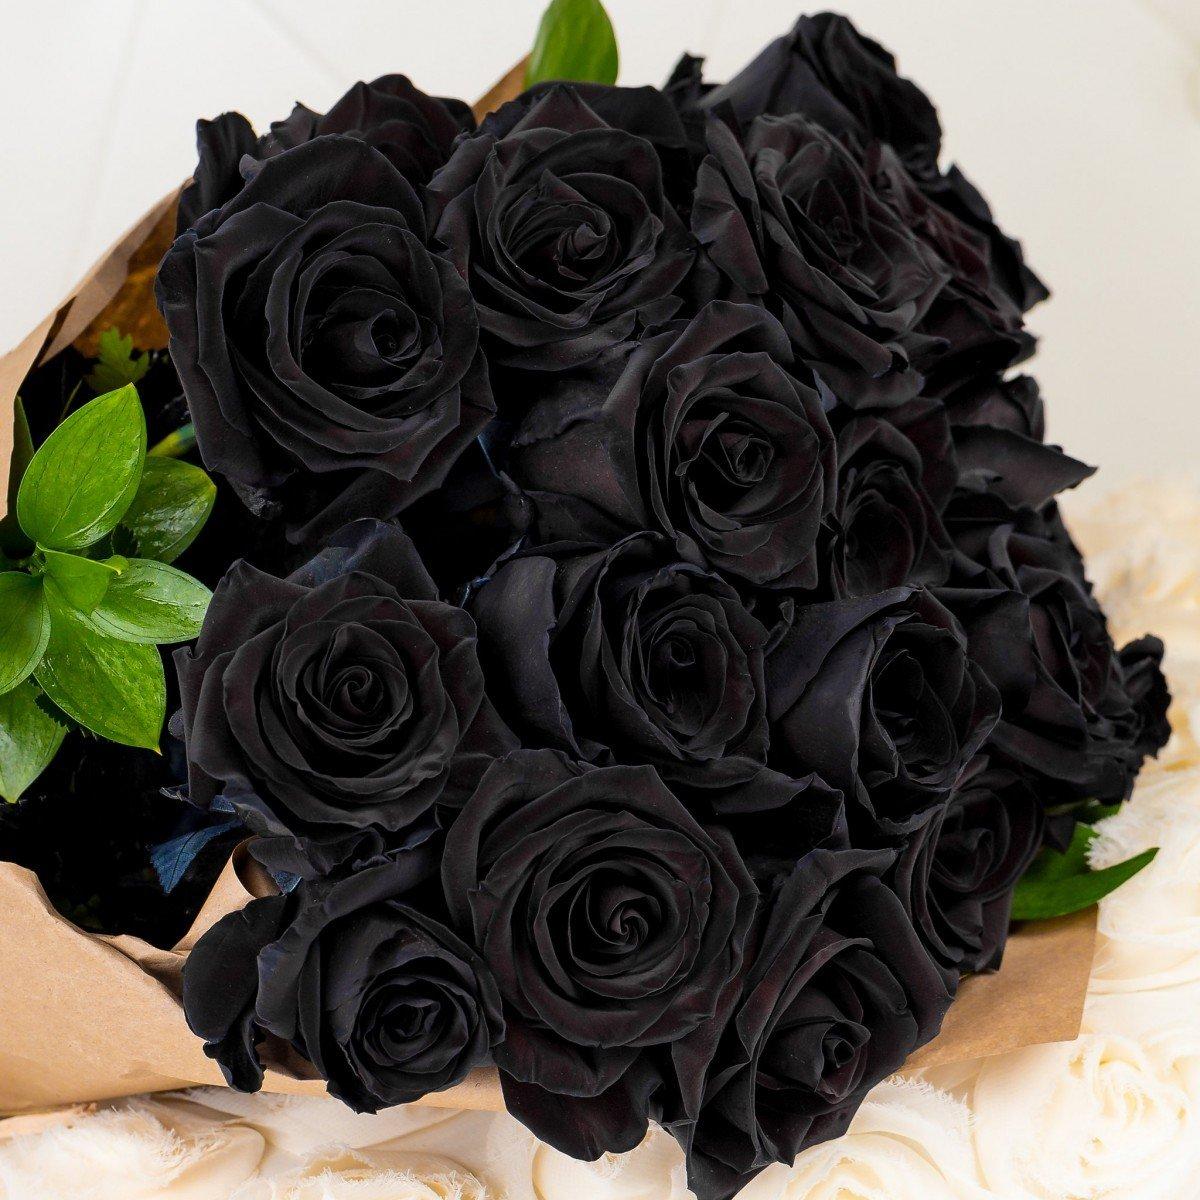 началась картинка мир в черном цвете ясный